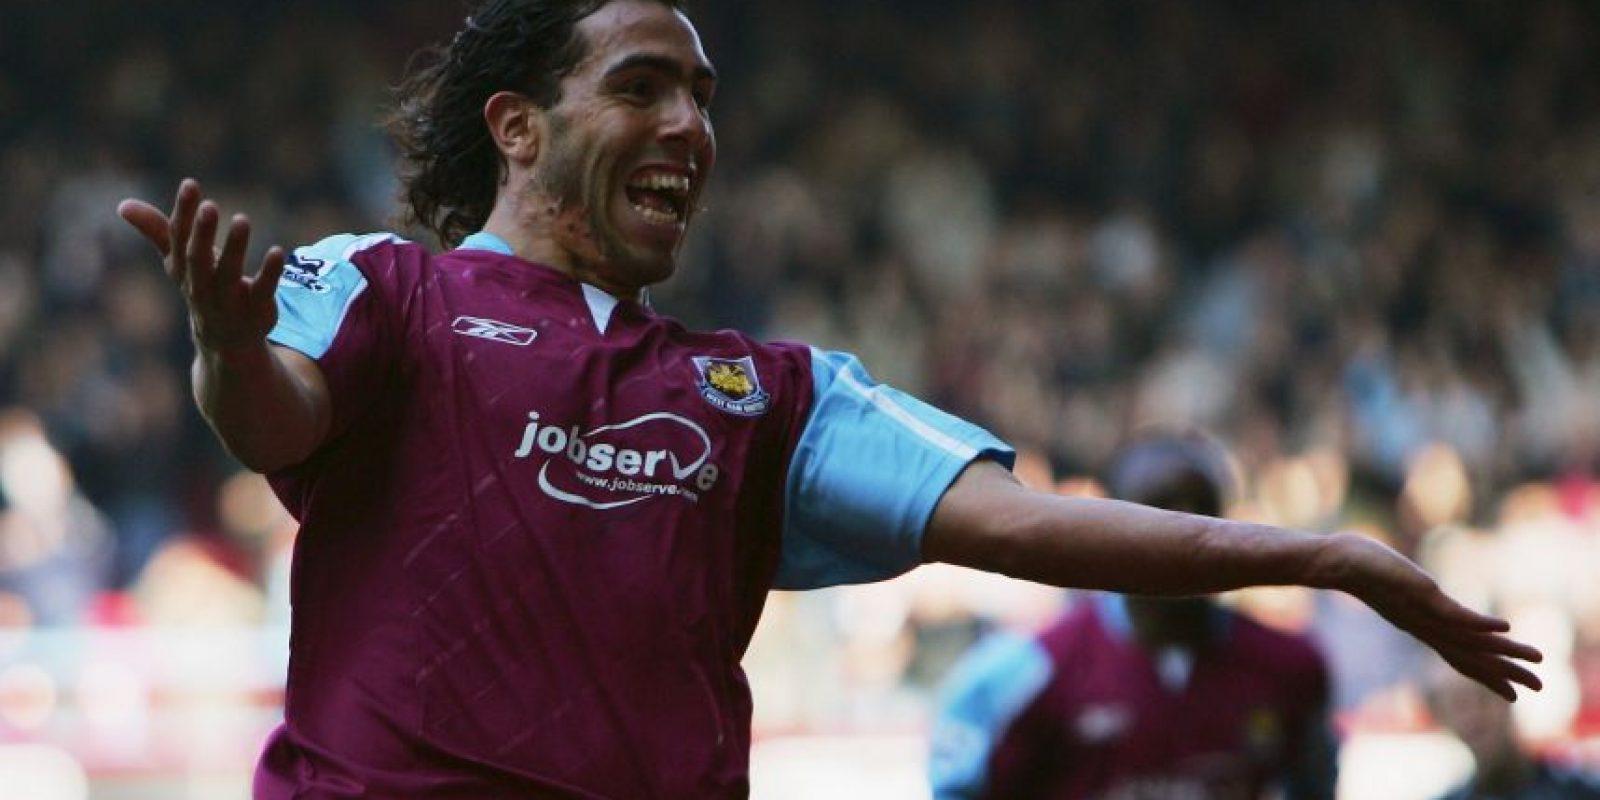 Carlos Tevez estuvo una temporada en el club inglés y luego saltó al Manchester United Foto:Getty Images